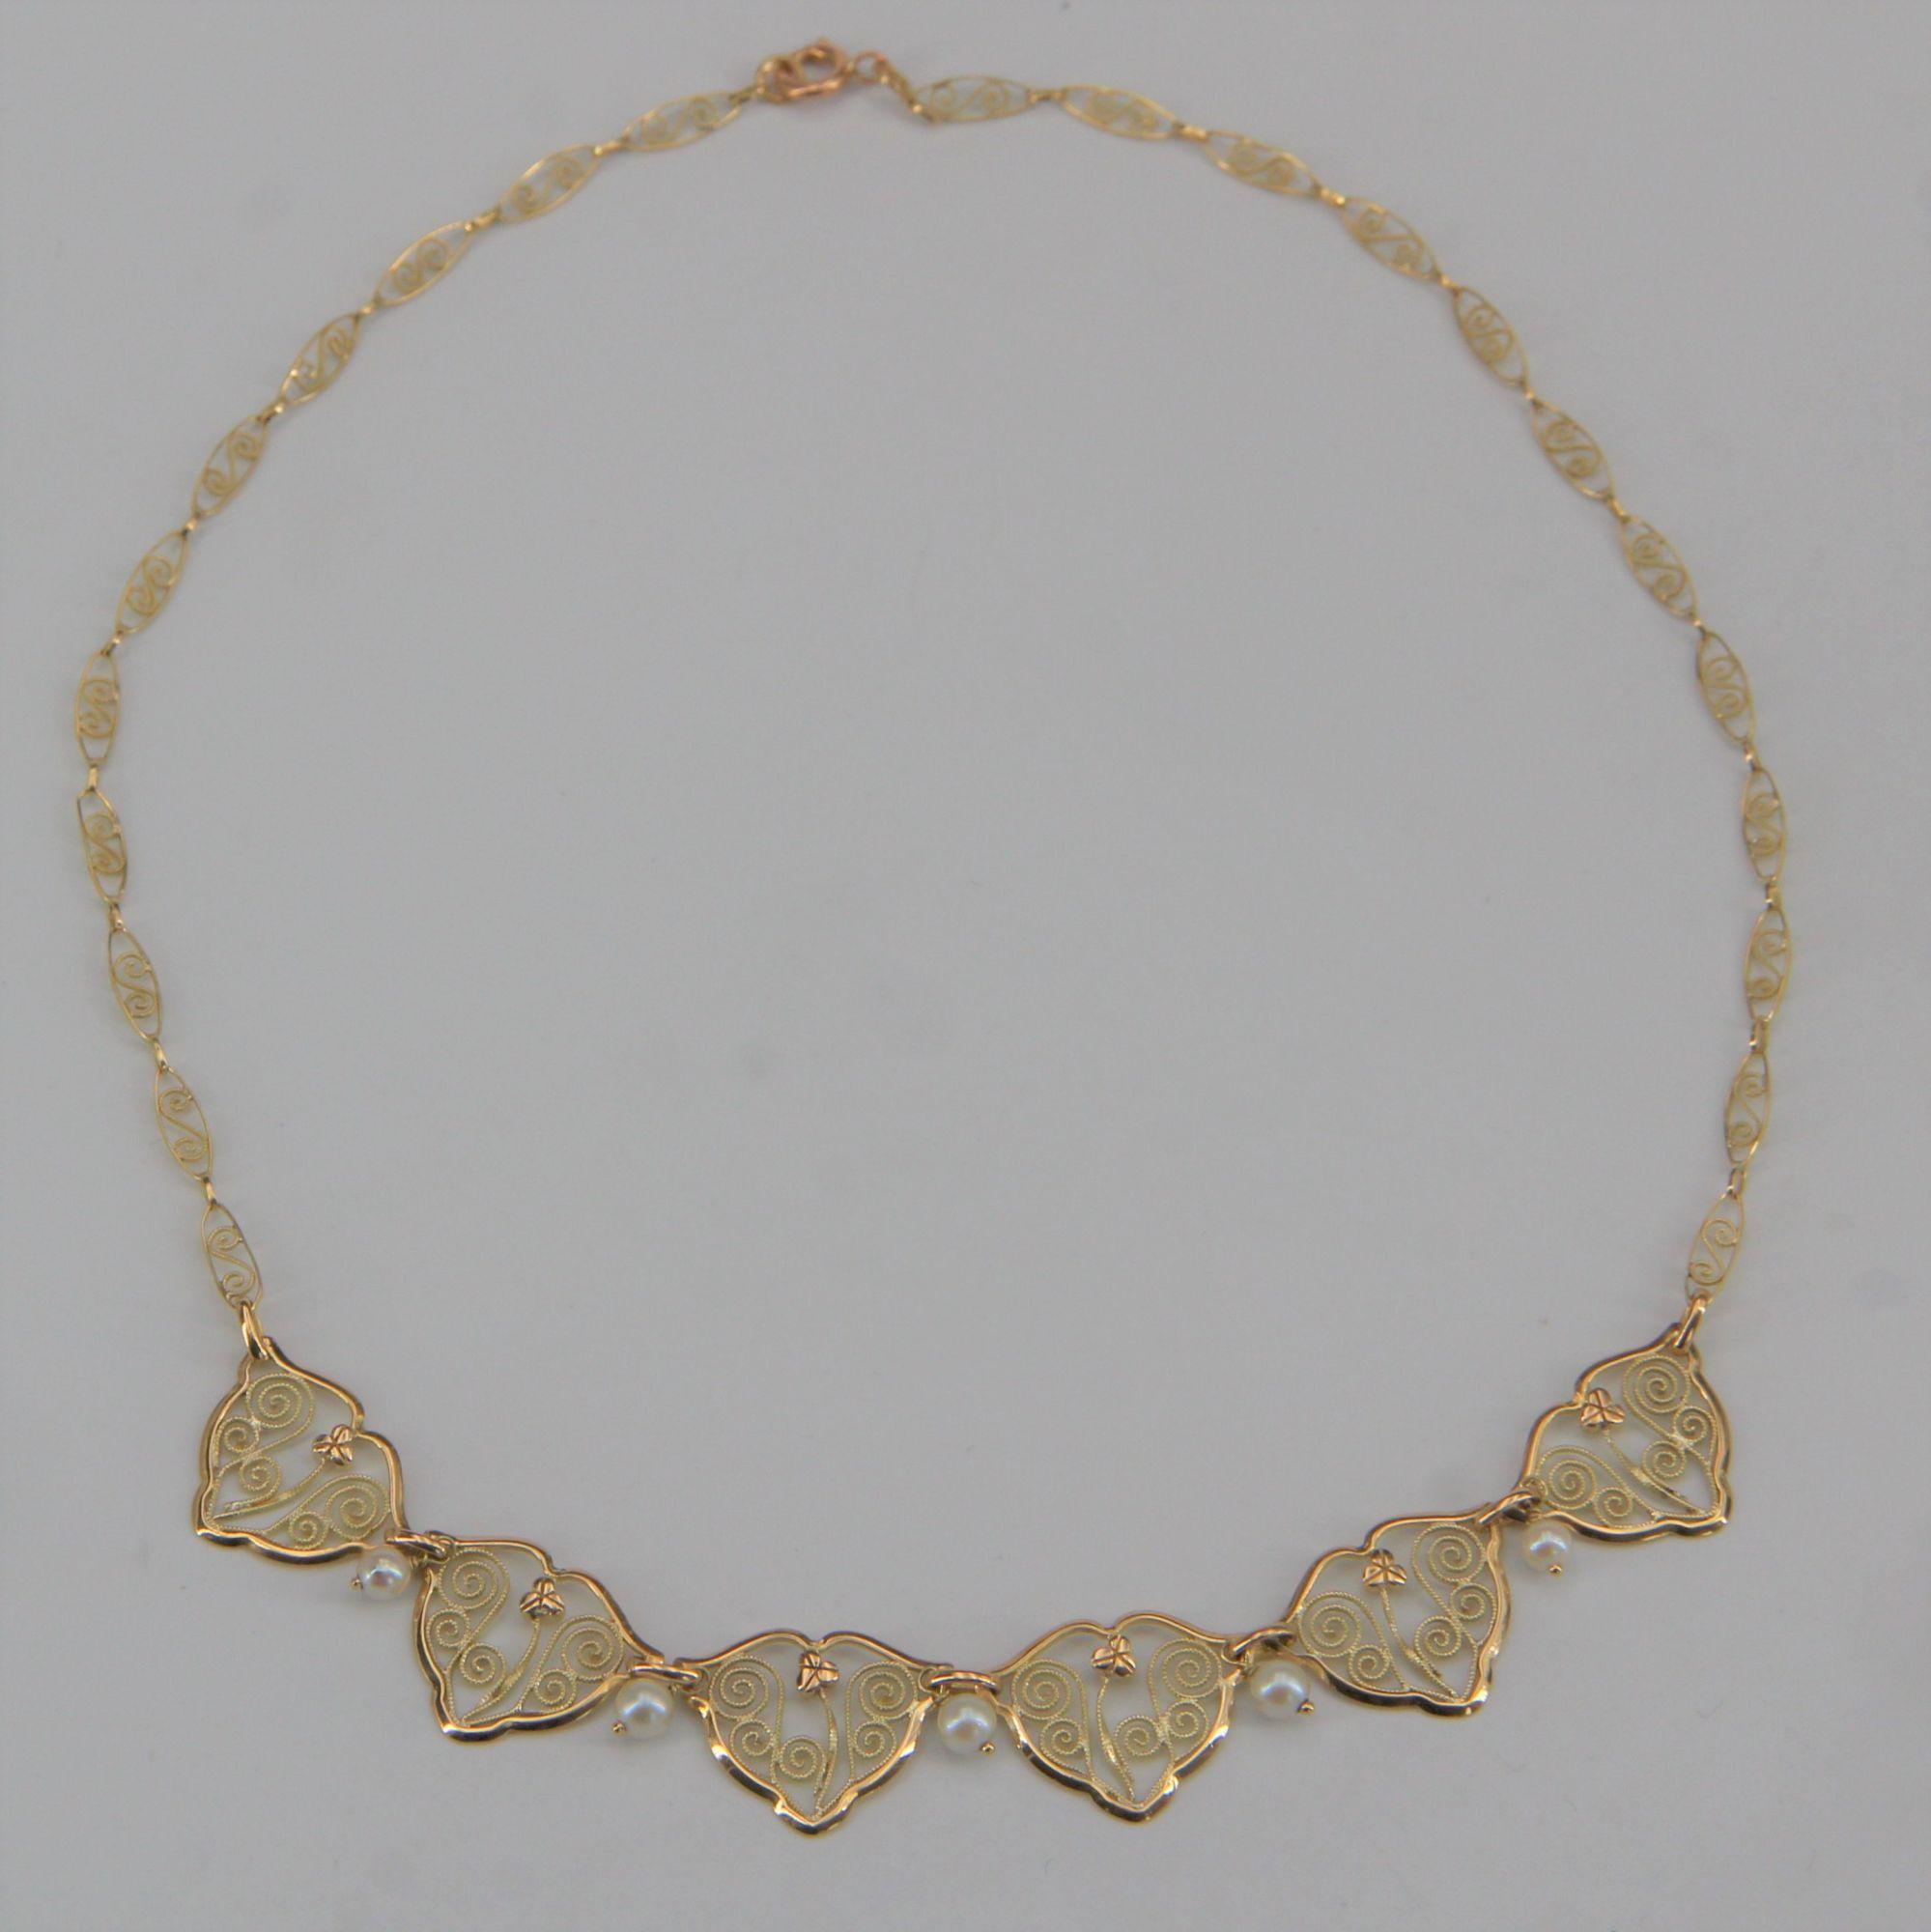 Collier ancien draperie en or et perles de culture